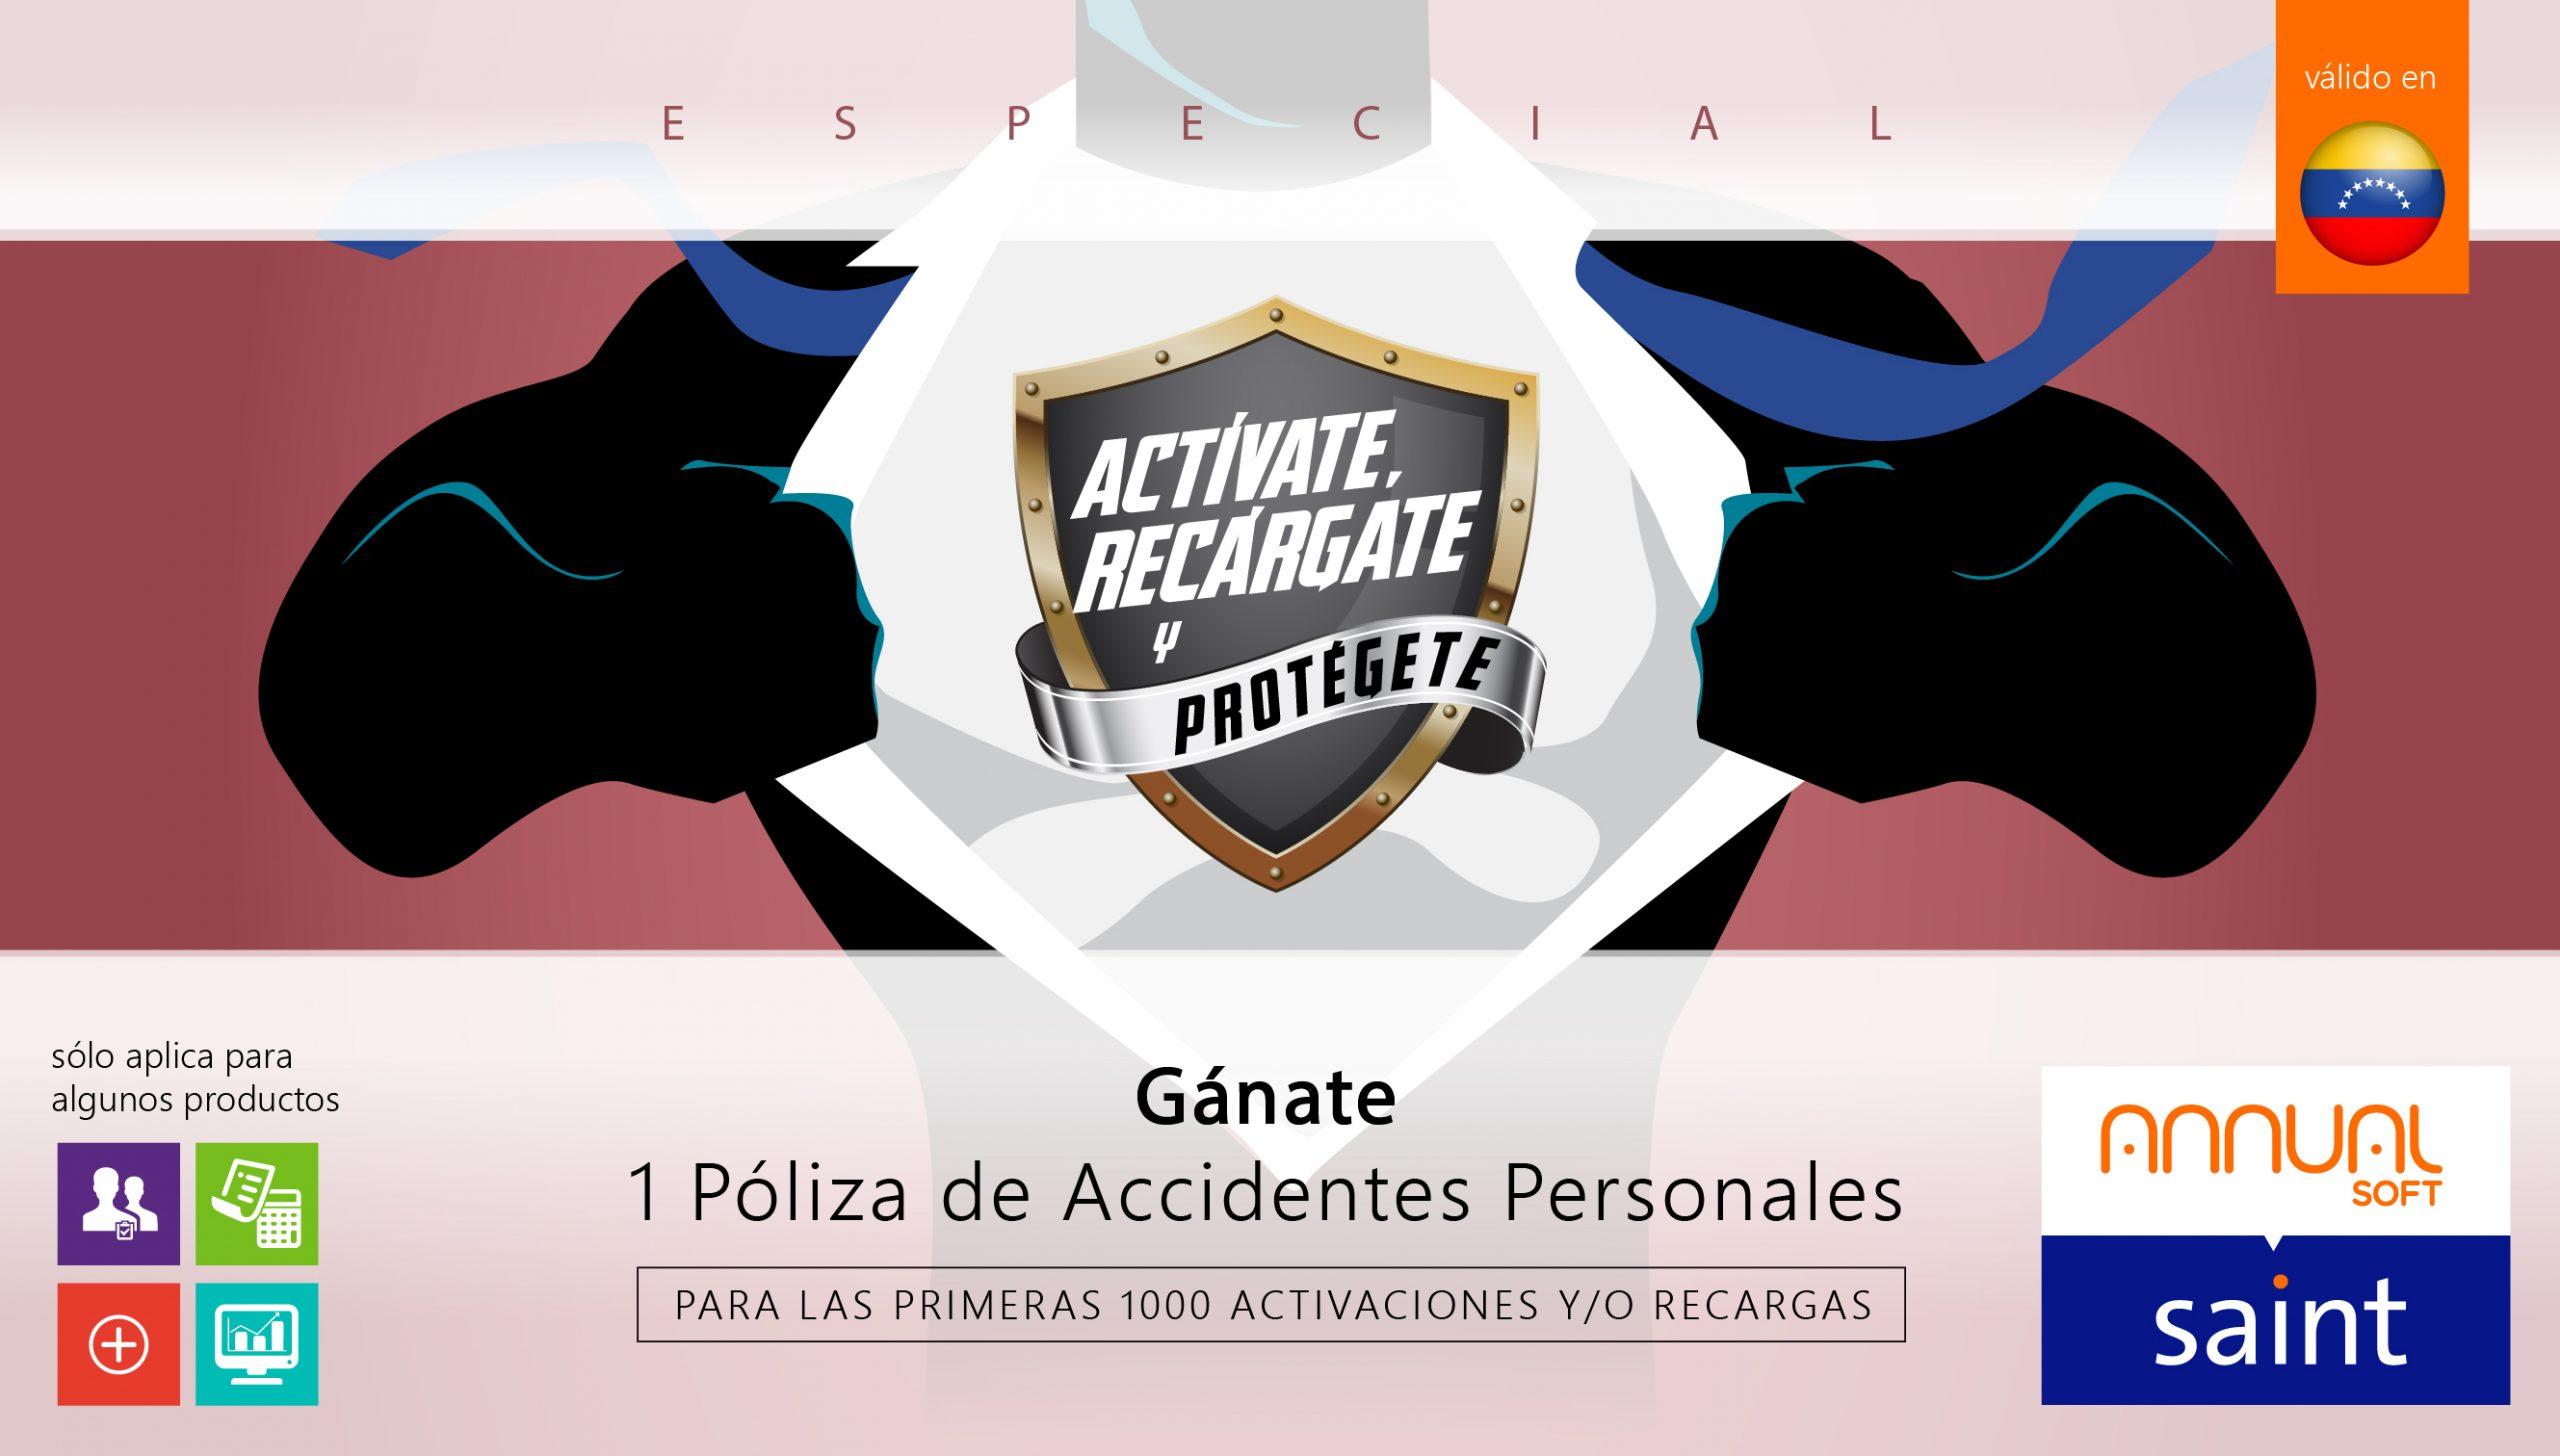 «Especial de Actívate, Recárgate y PROTÉGETE»